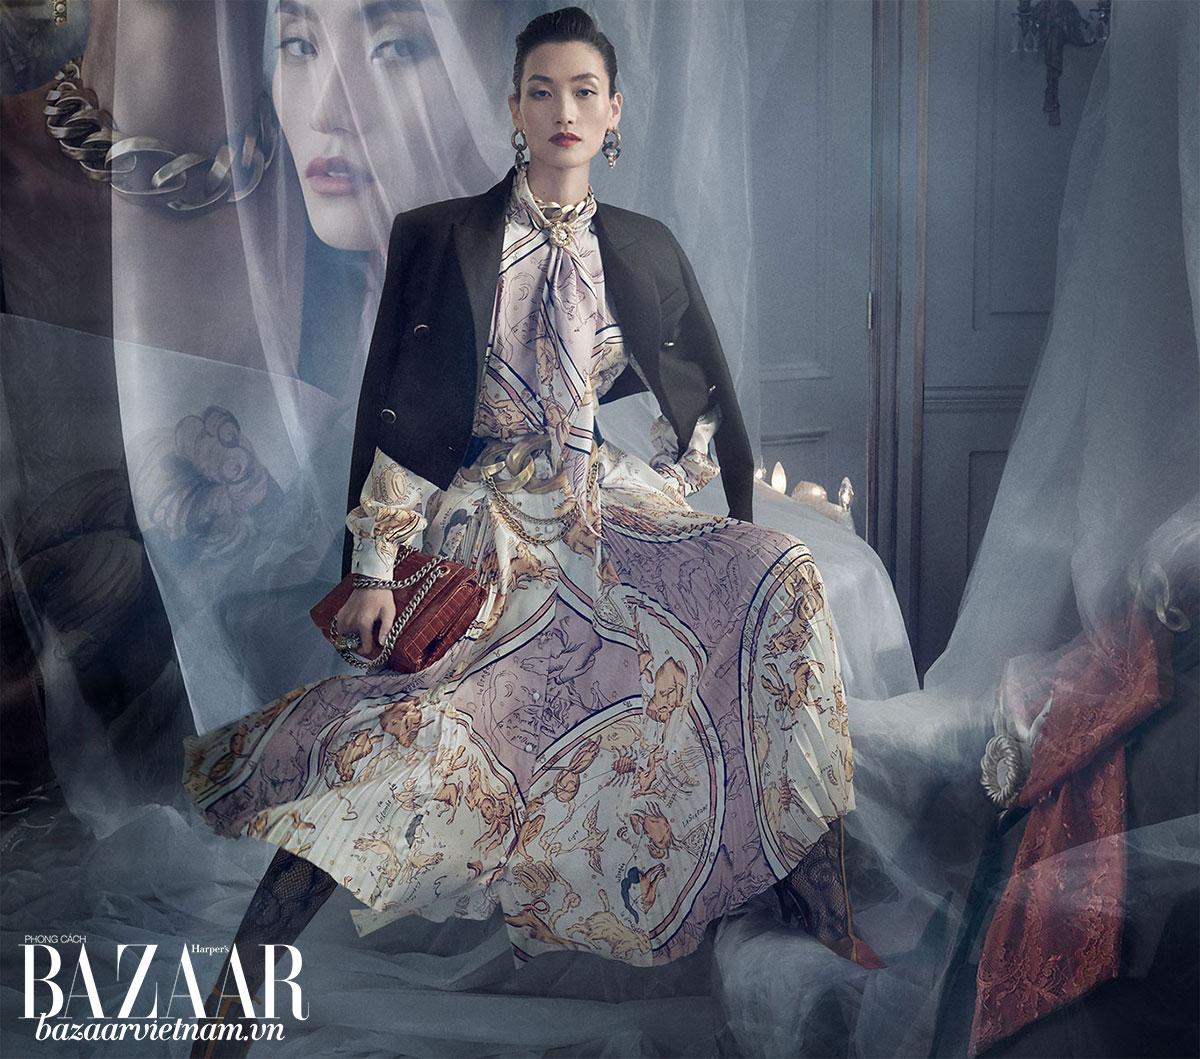 Zara đã ra mắt các bộ sưu tập như Join Life và Premium. Với chất lượng cao cấp hơn và thiết kế vượt thời gian hơn. Tuy nhiên, mô hình kinh doanh của hãng vẫn phụ thuộc vào dòng fast fashion giá rẻ.